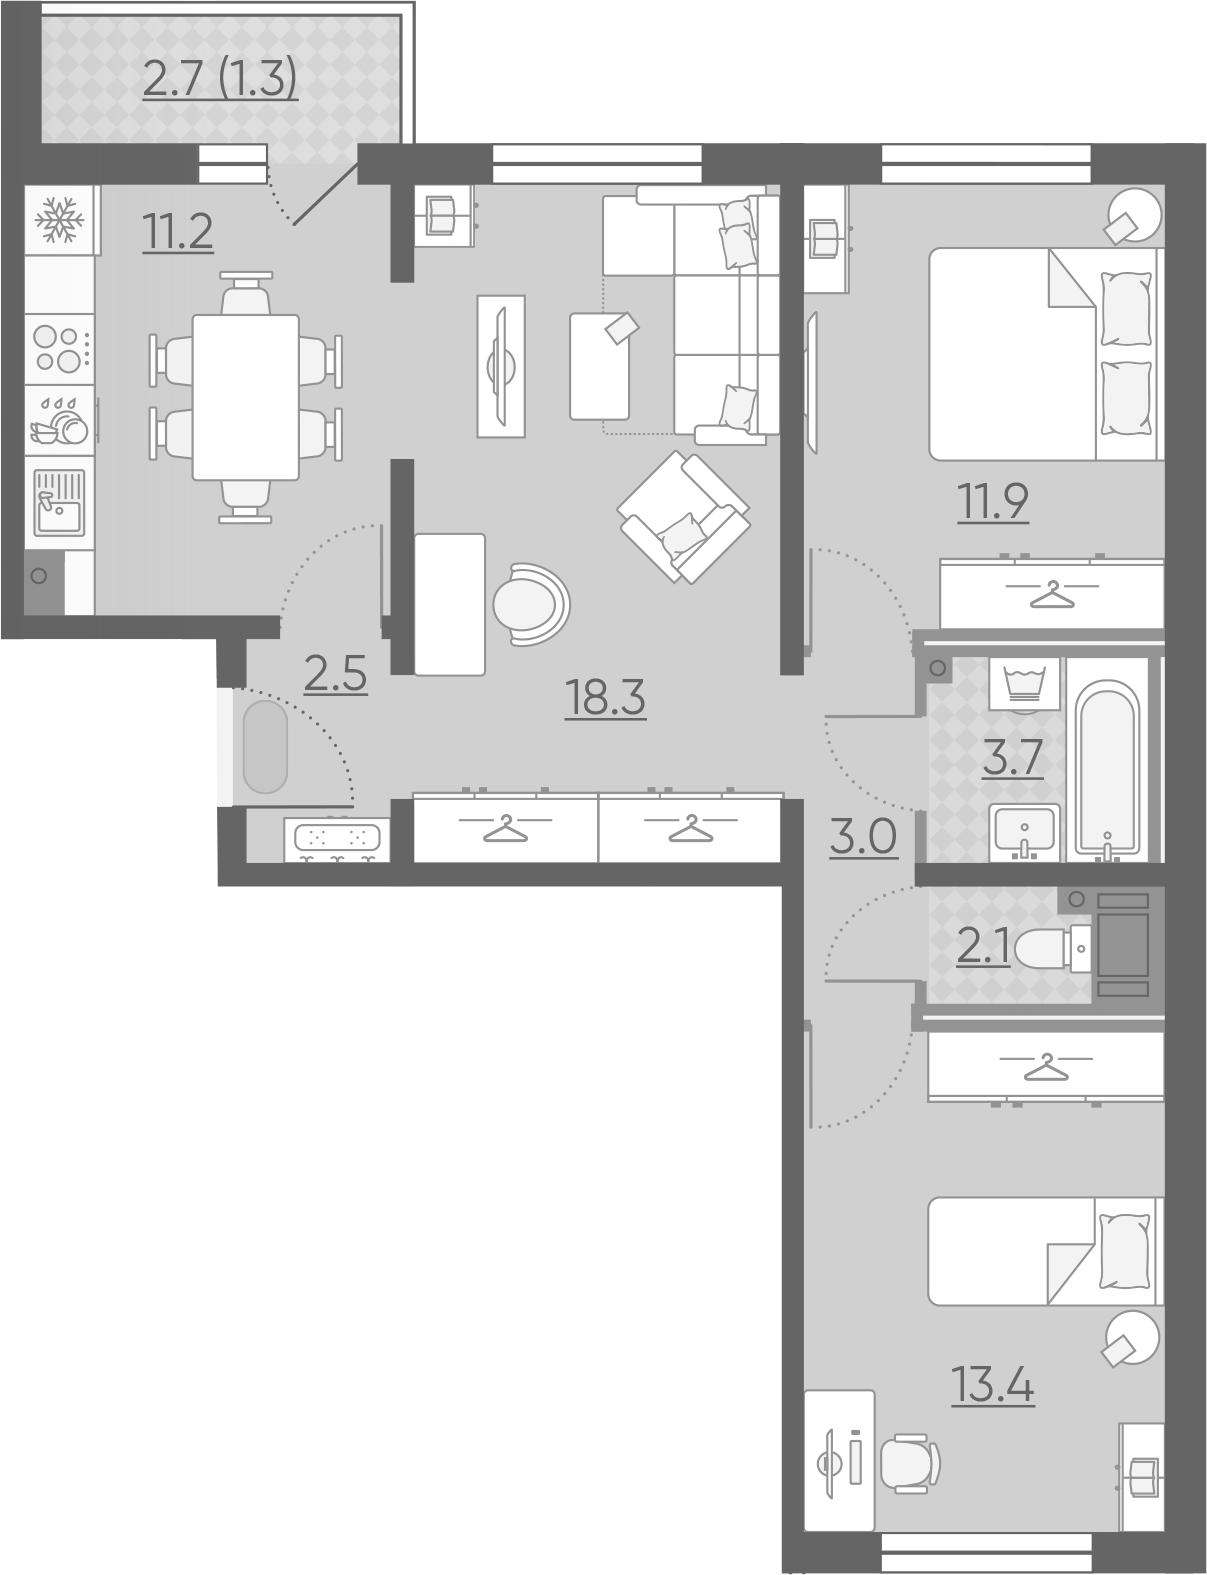 3-комнатная квартира, 67.4 м², 2 этаж – Планировка